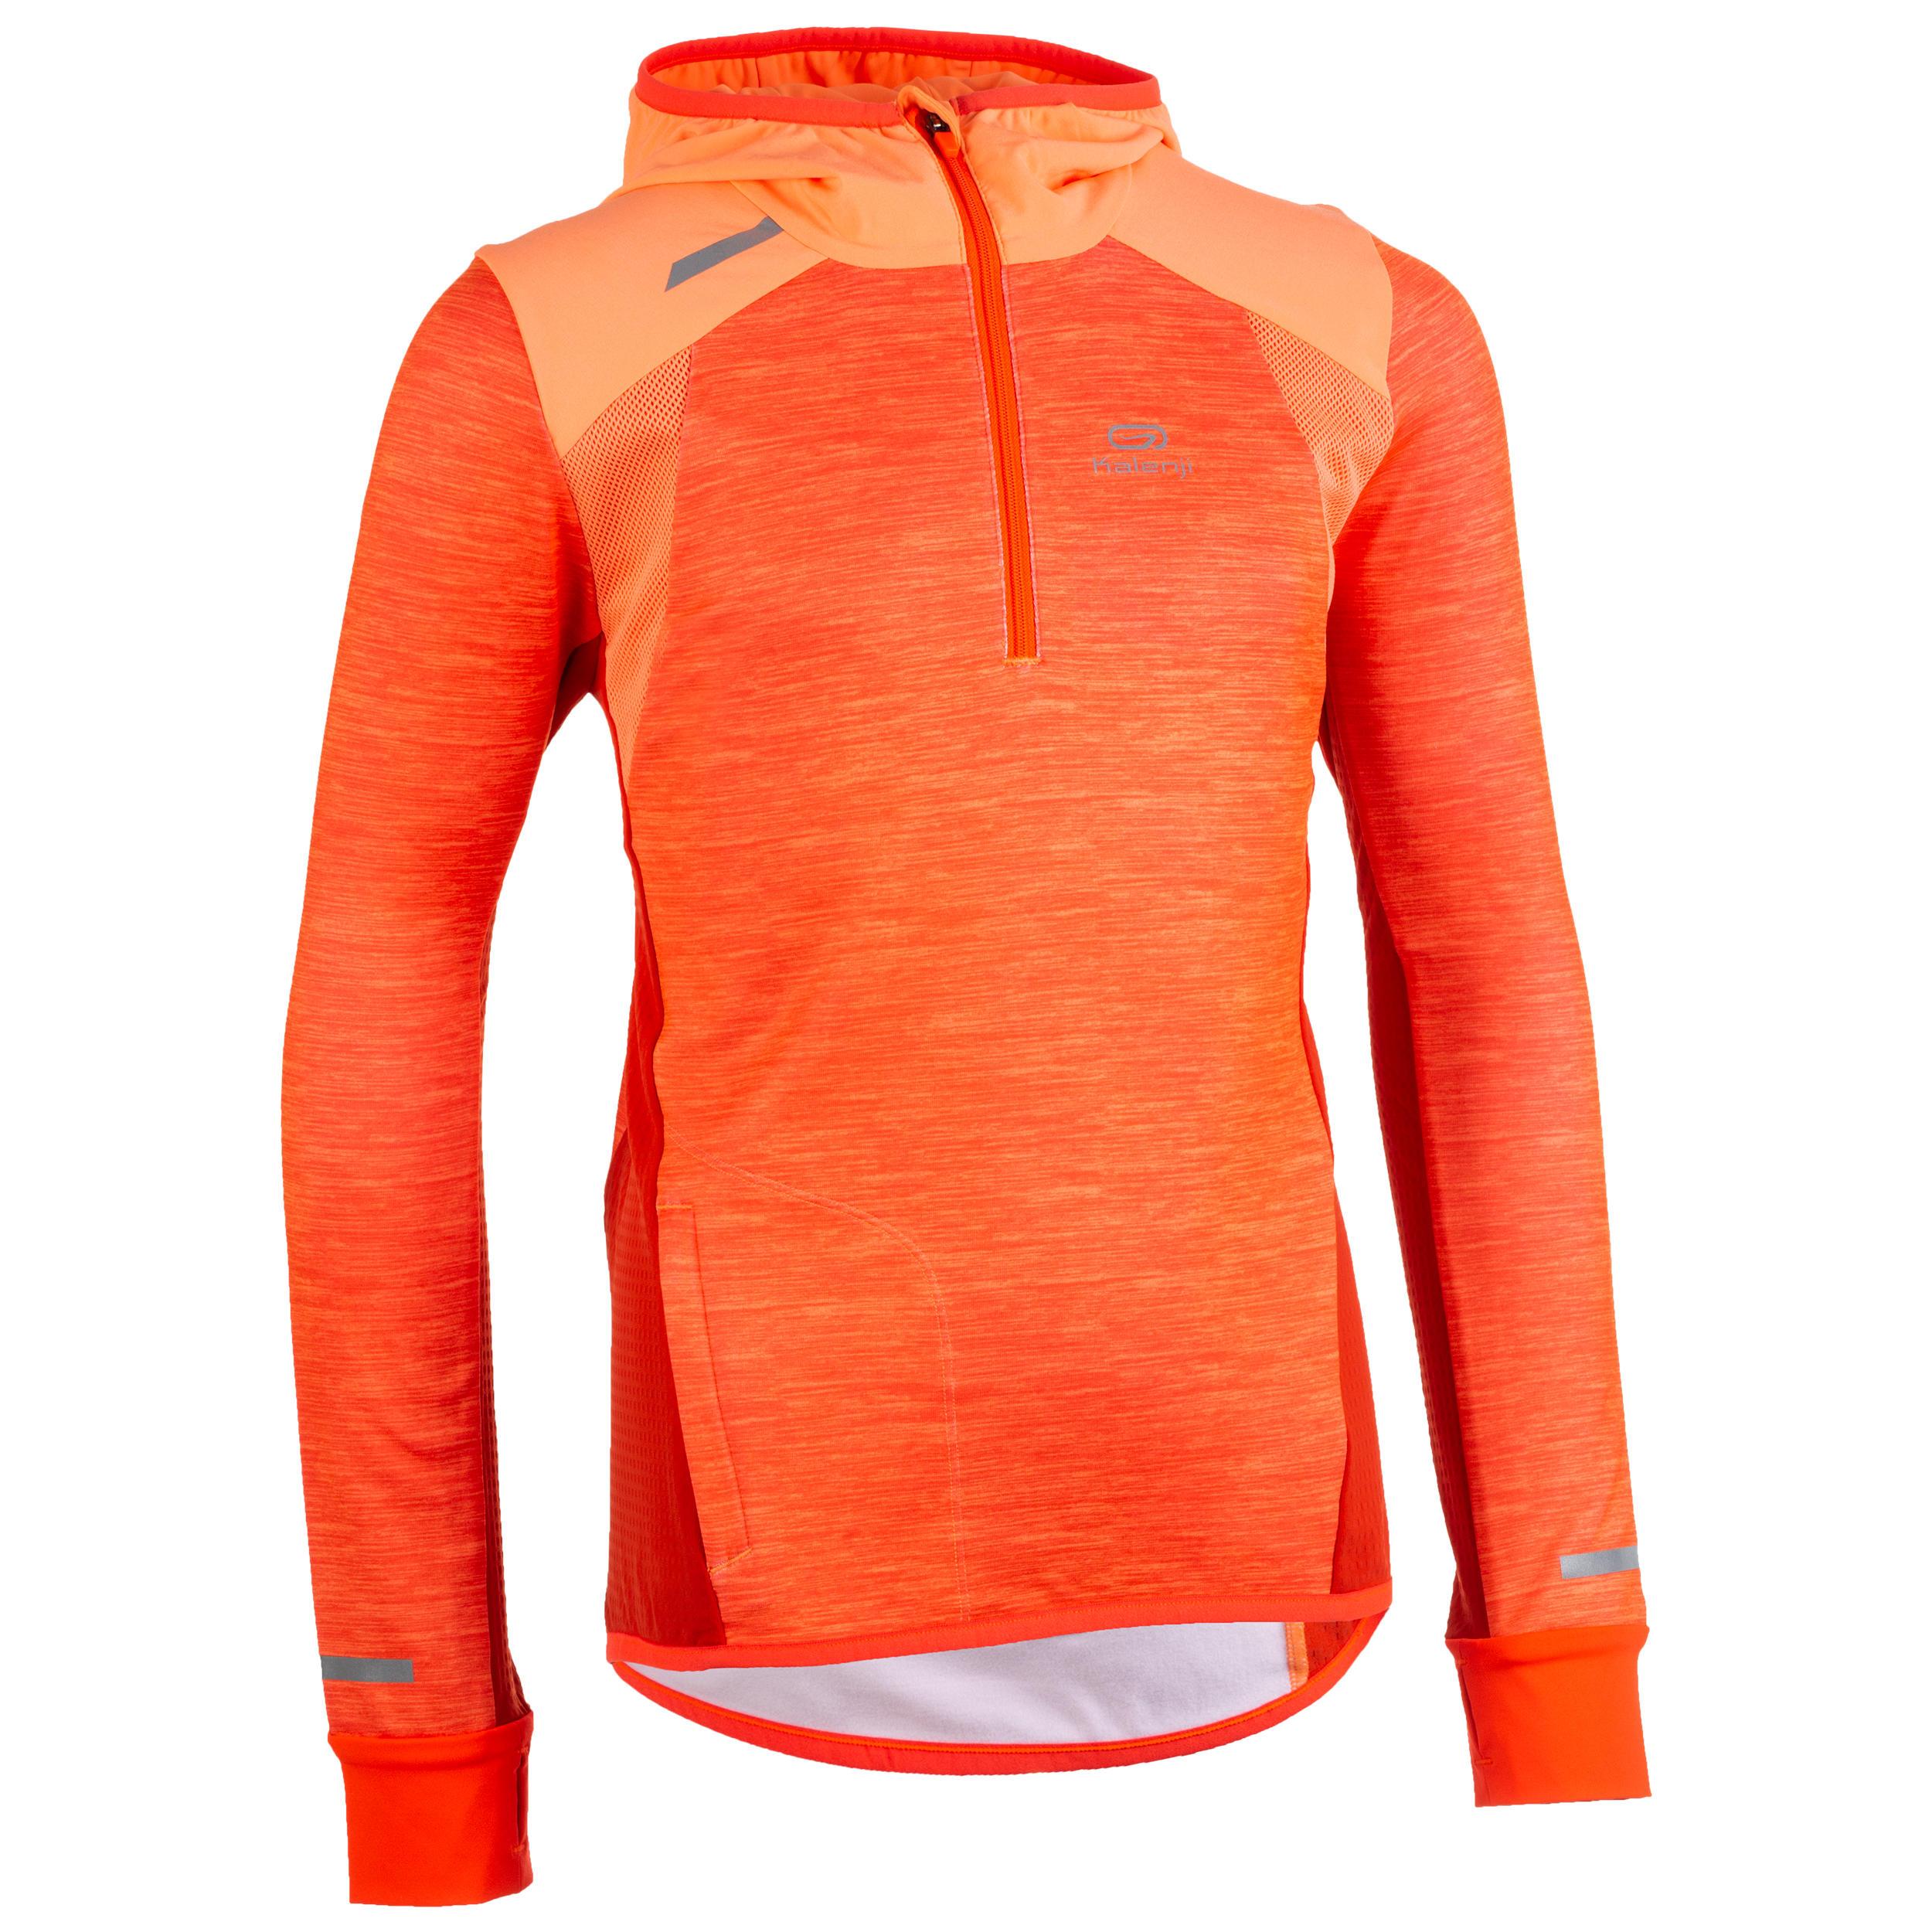 Maillot manches longues athlétisme enfant kiprun chaud corail et rouge kalenji